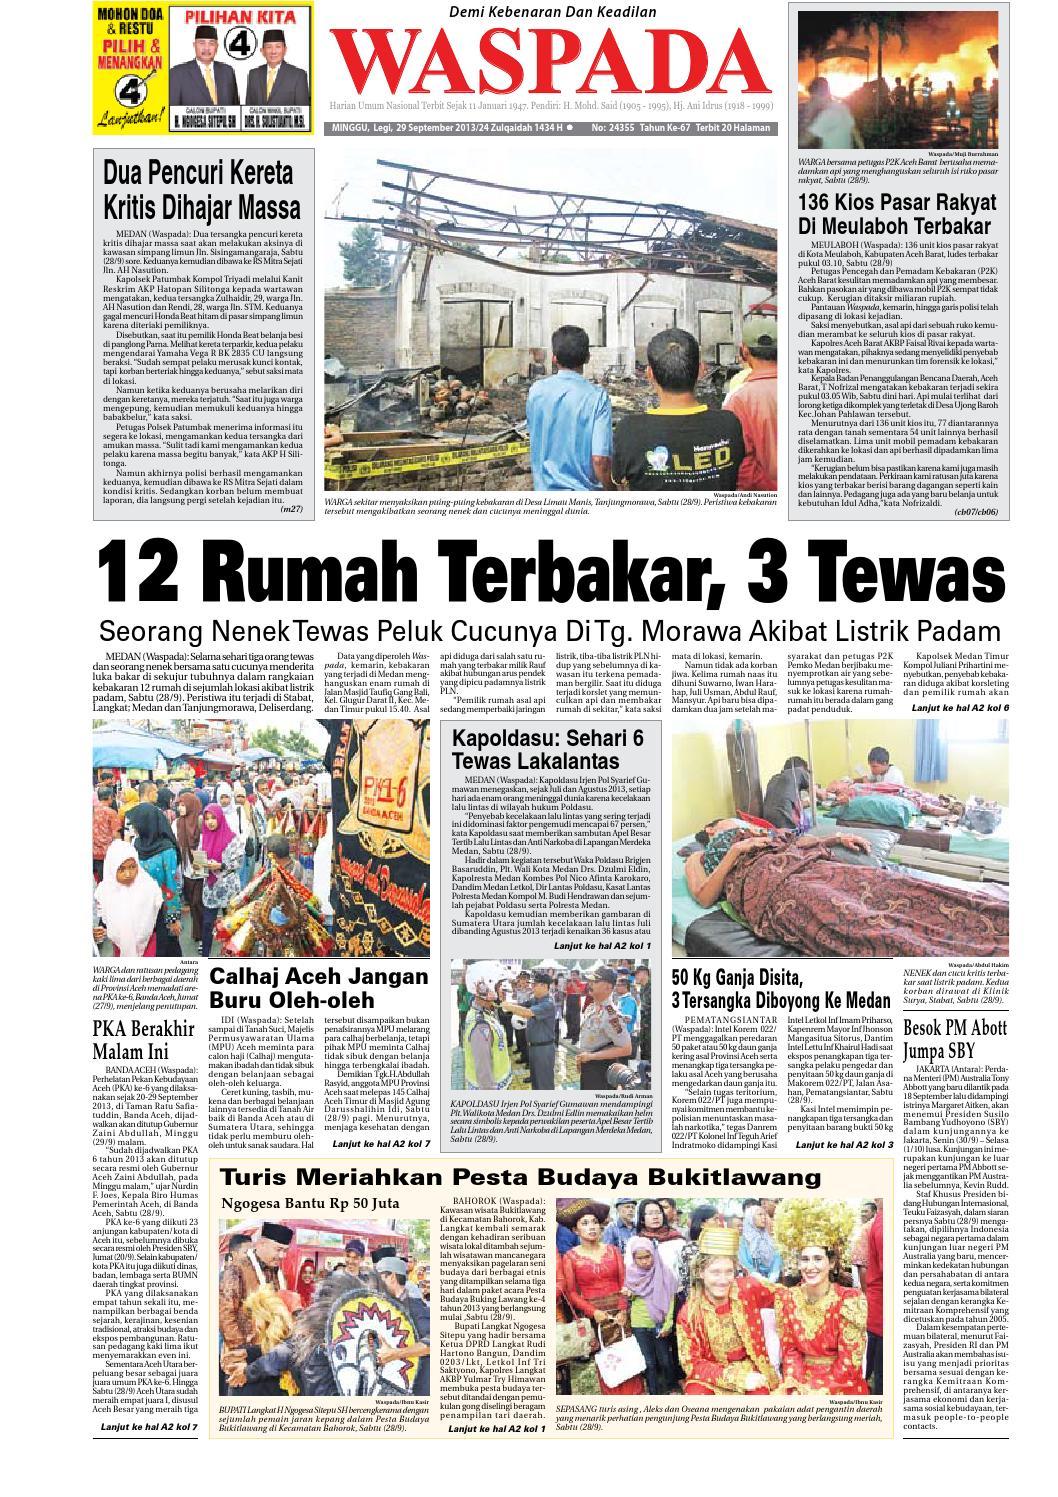 Waspada Minggu 29 September 2013 By Harian Waspada Issuu